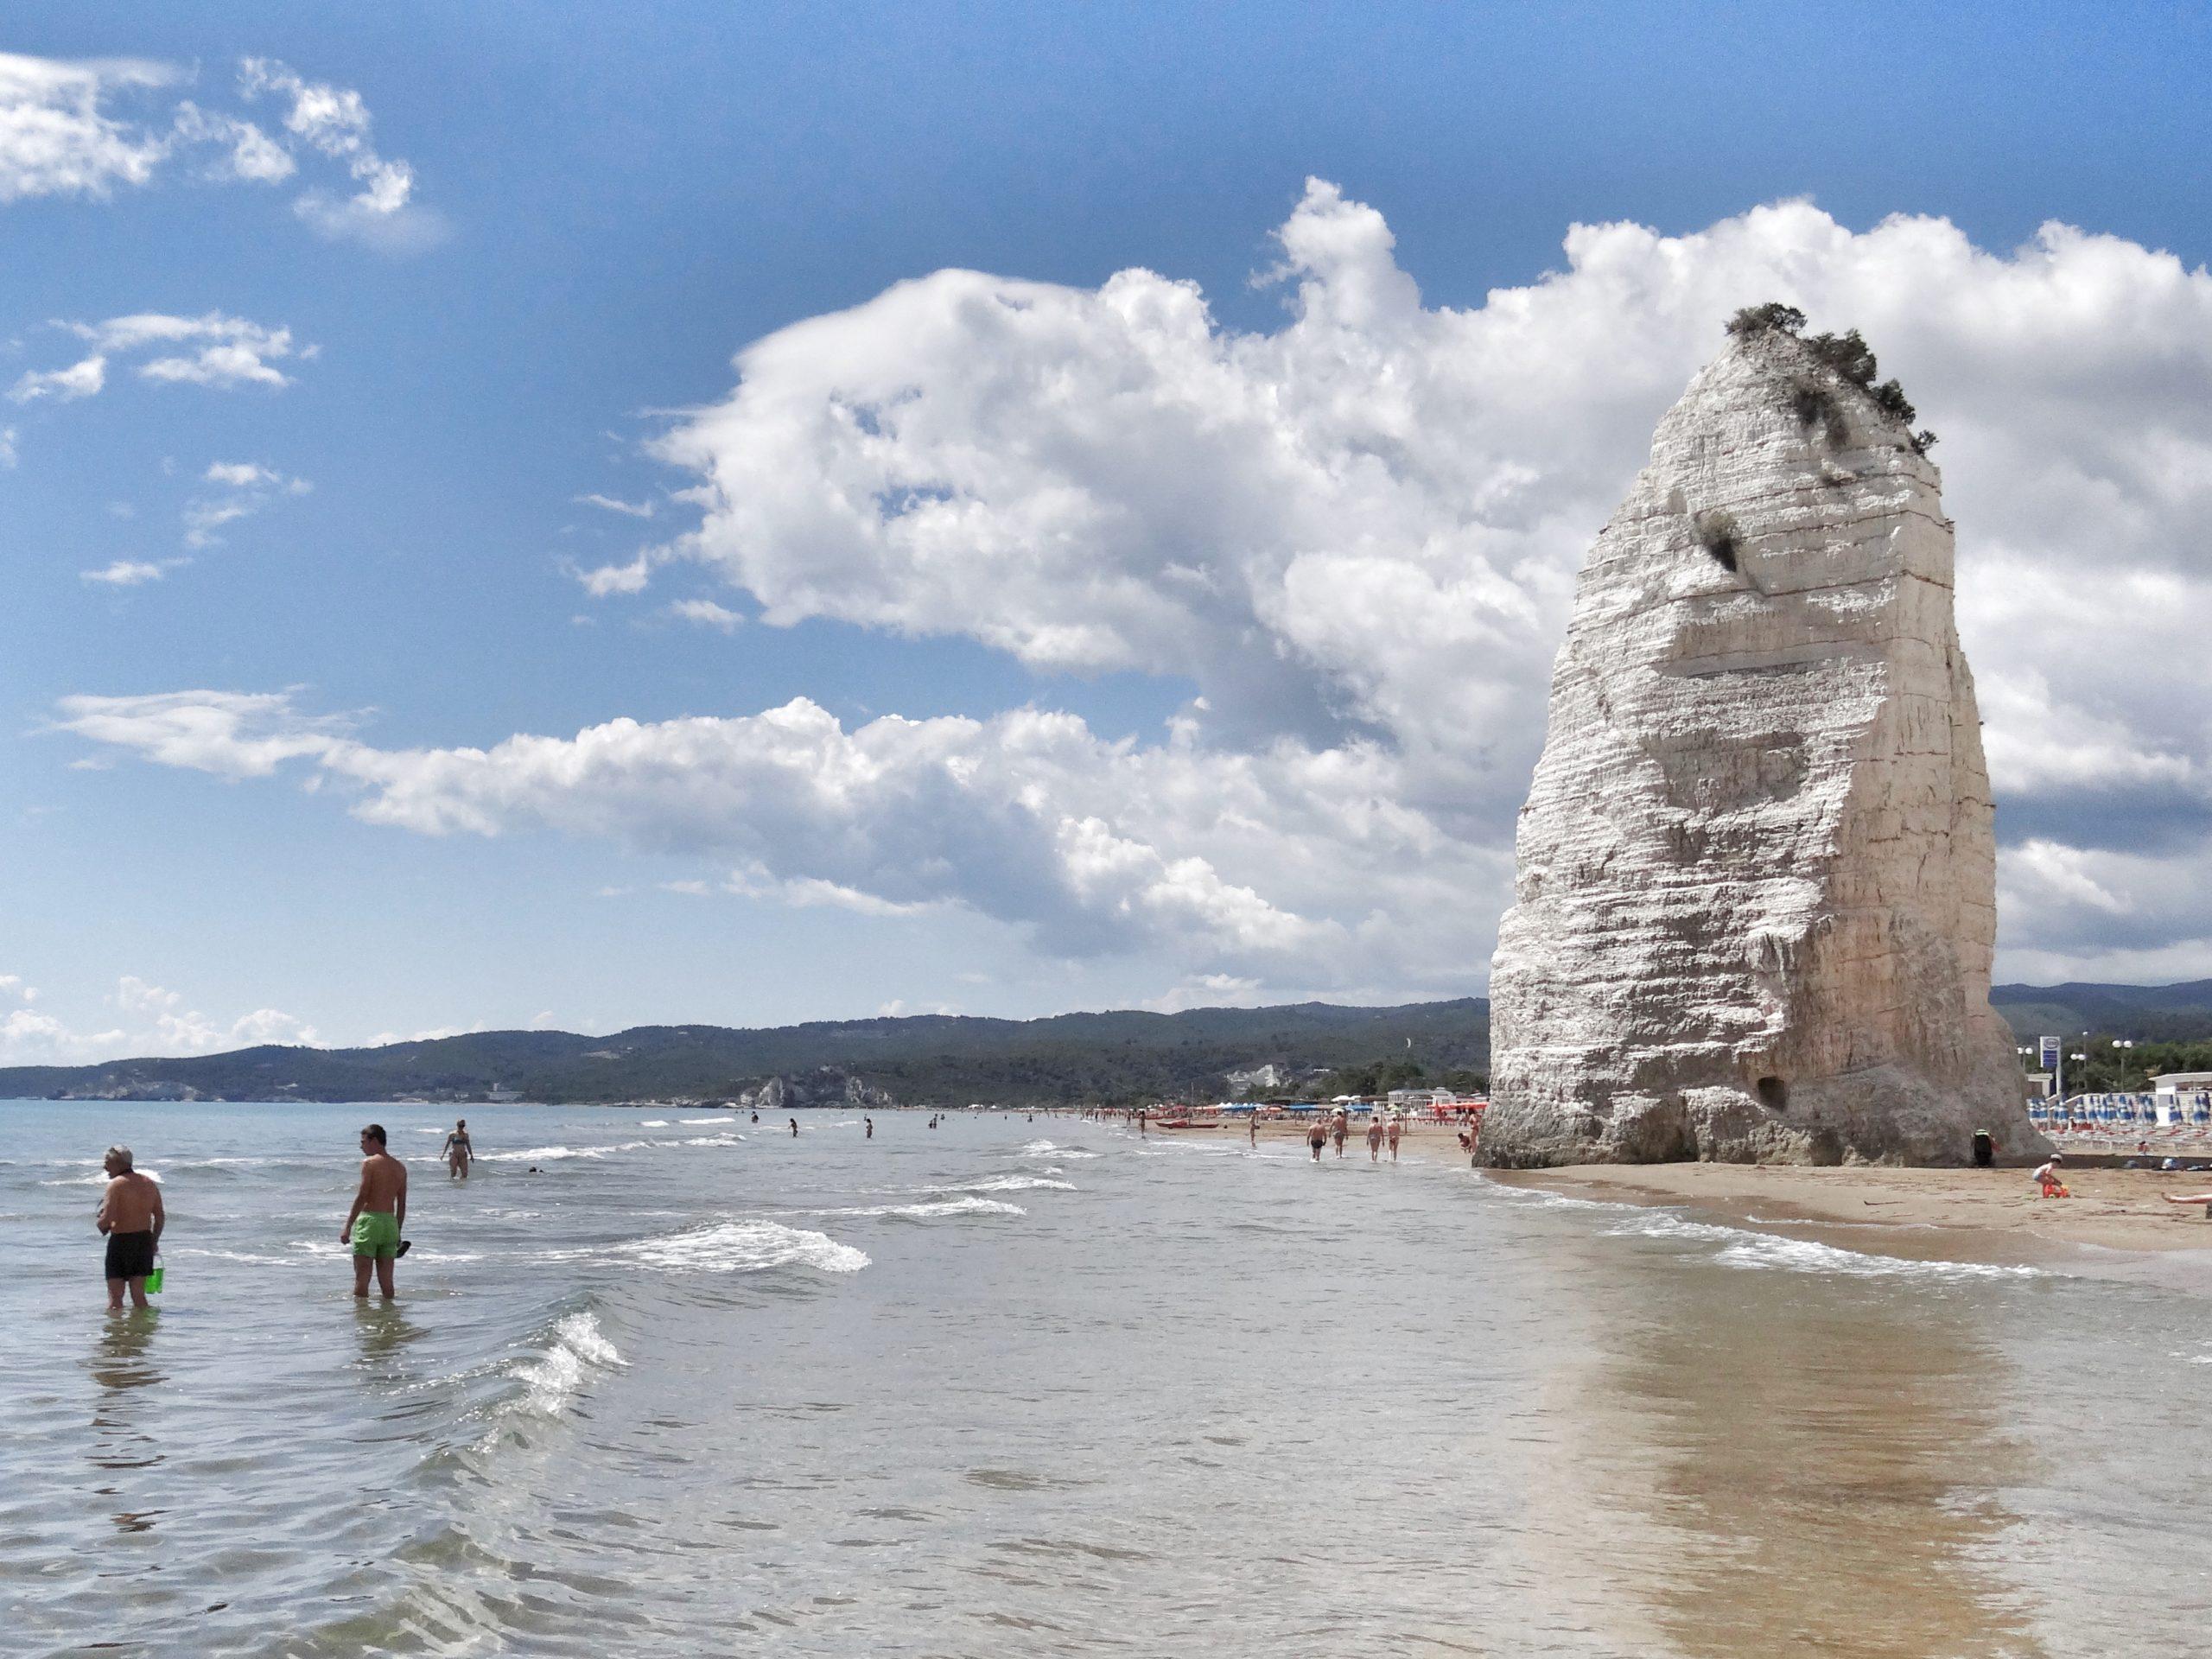 The legend of Cristalda and Pizzomunno tells the story of Puglia's most famous faraglione - a limestone sea stack - in Vieste.